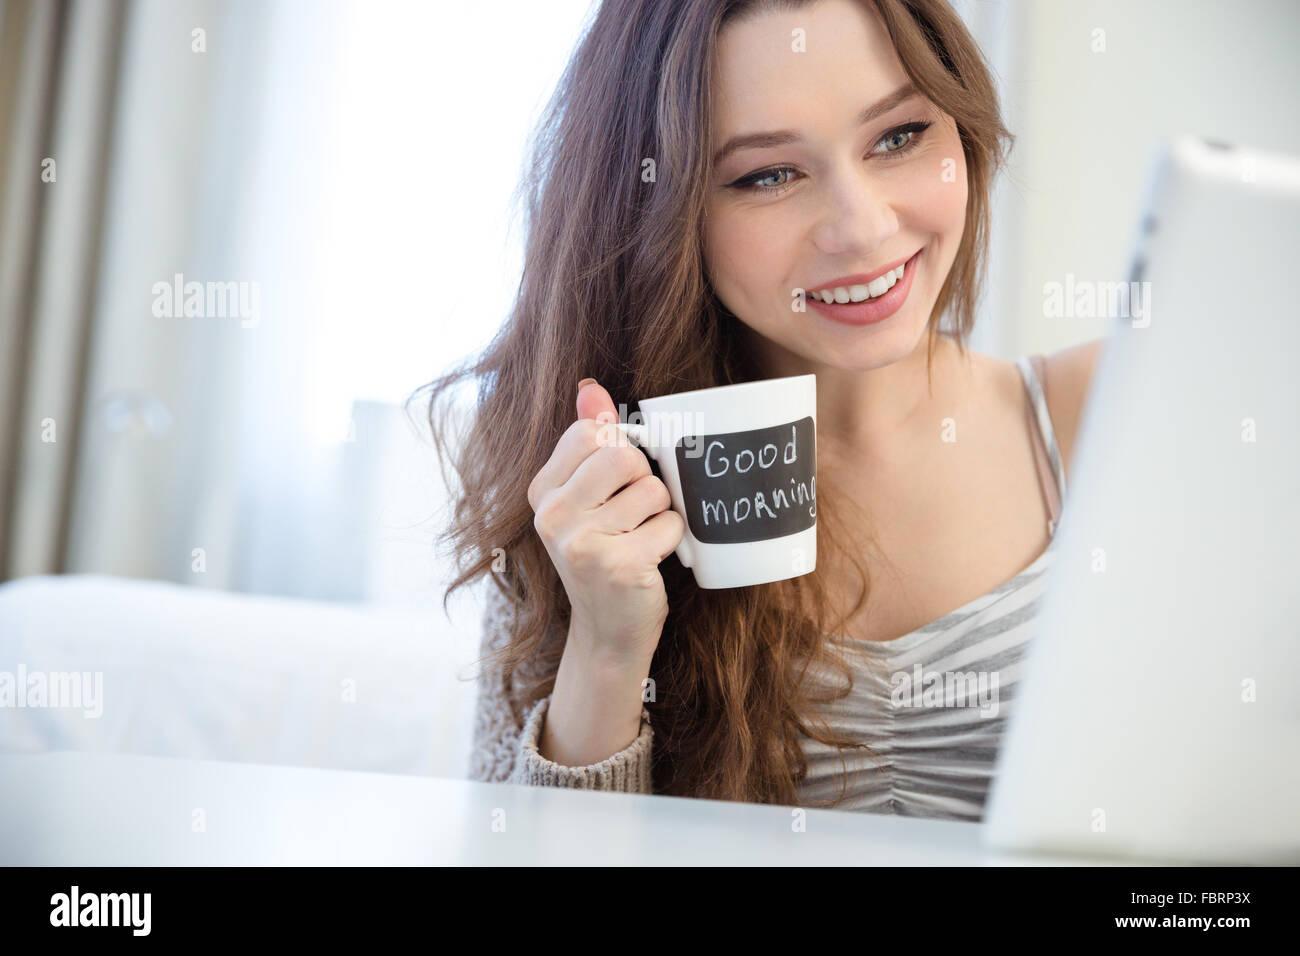 Sonriente joven encantador con tablet y bebiendo café de taza blanca con esfera negra para escribir Imagen De Stock